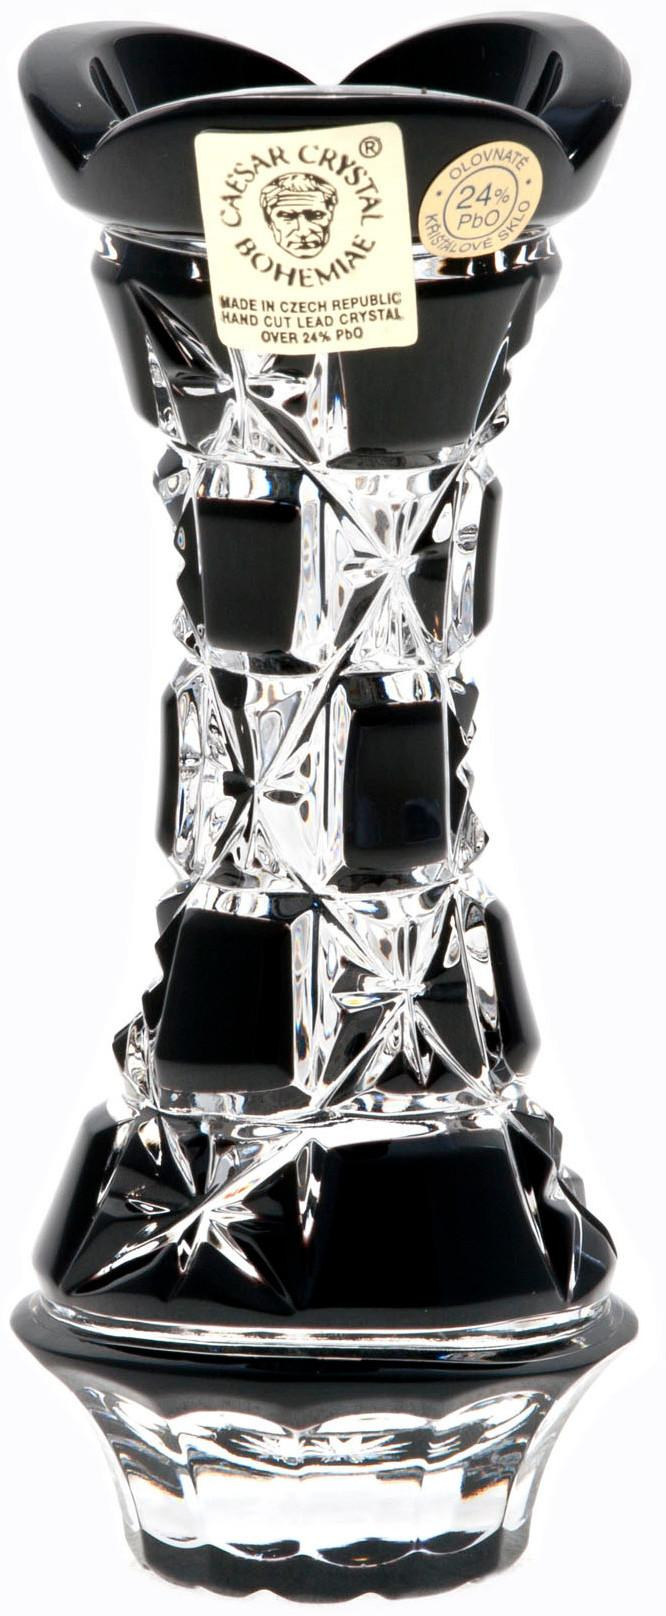 Krištáľová váza Lada, farba čierna, výška 104 mm